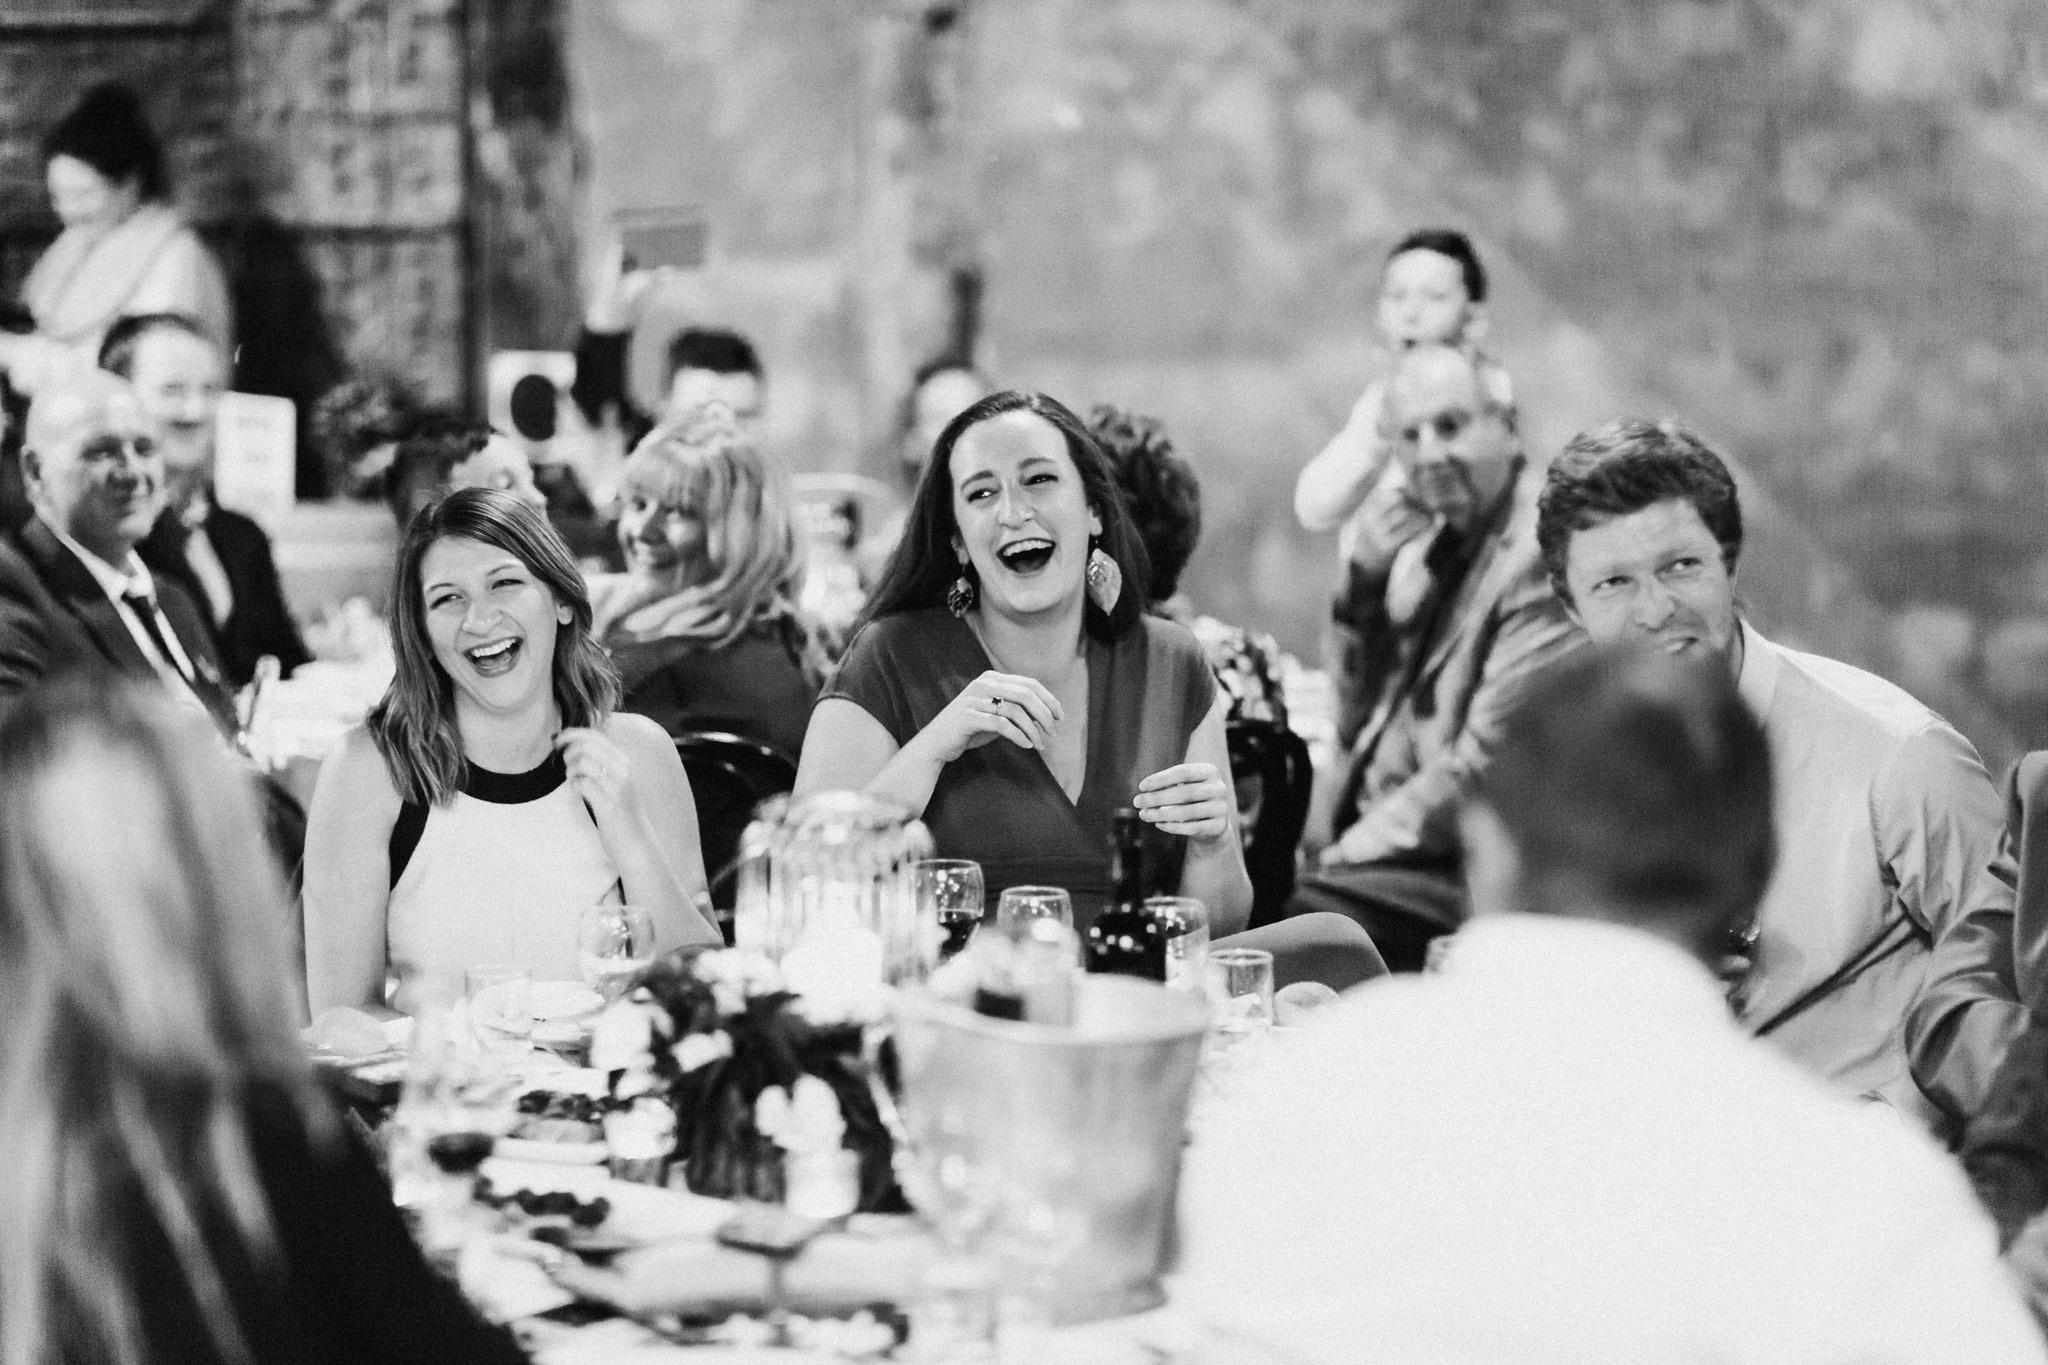 WeddingPhotos_Facebook_2048pixels-1129.jpg